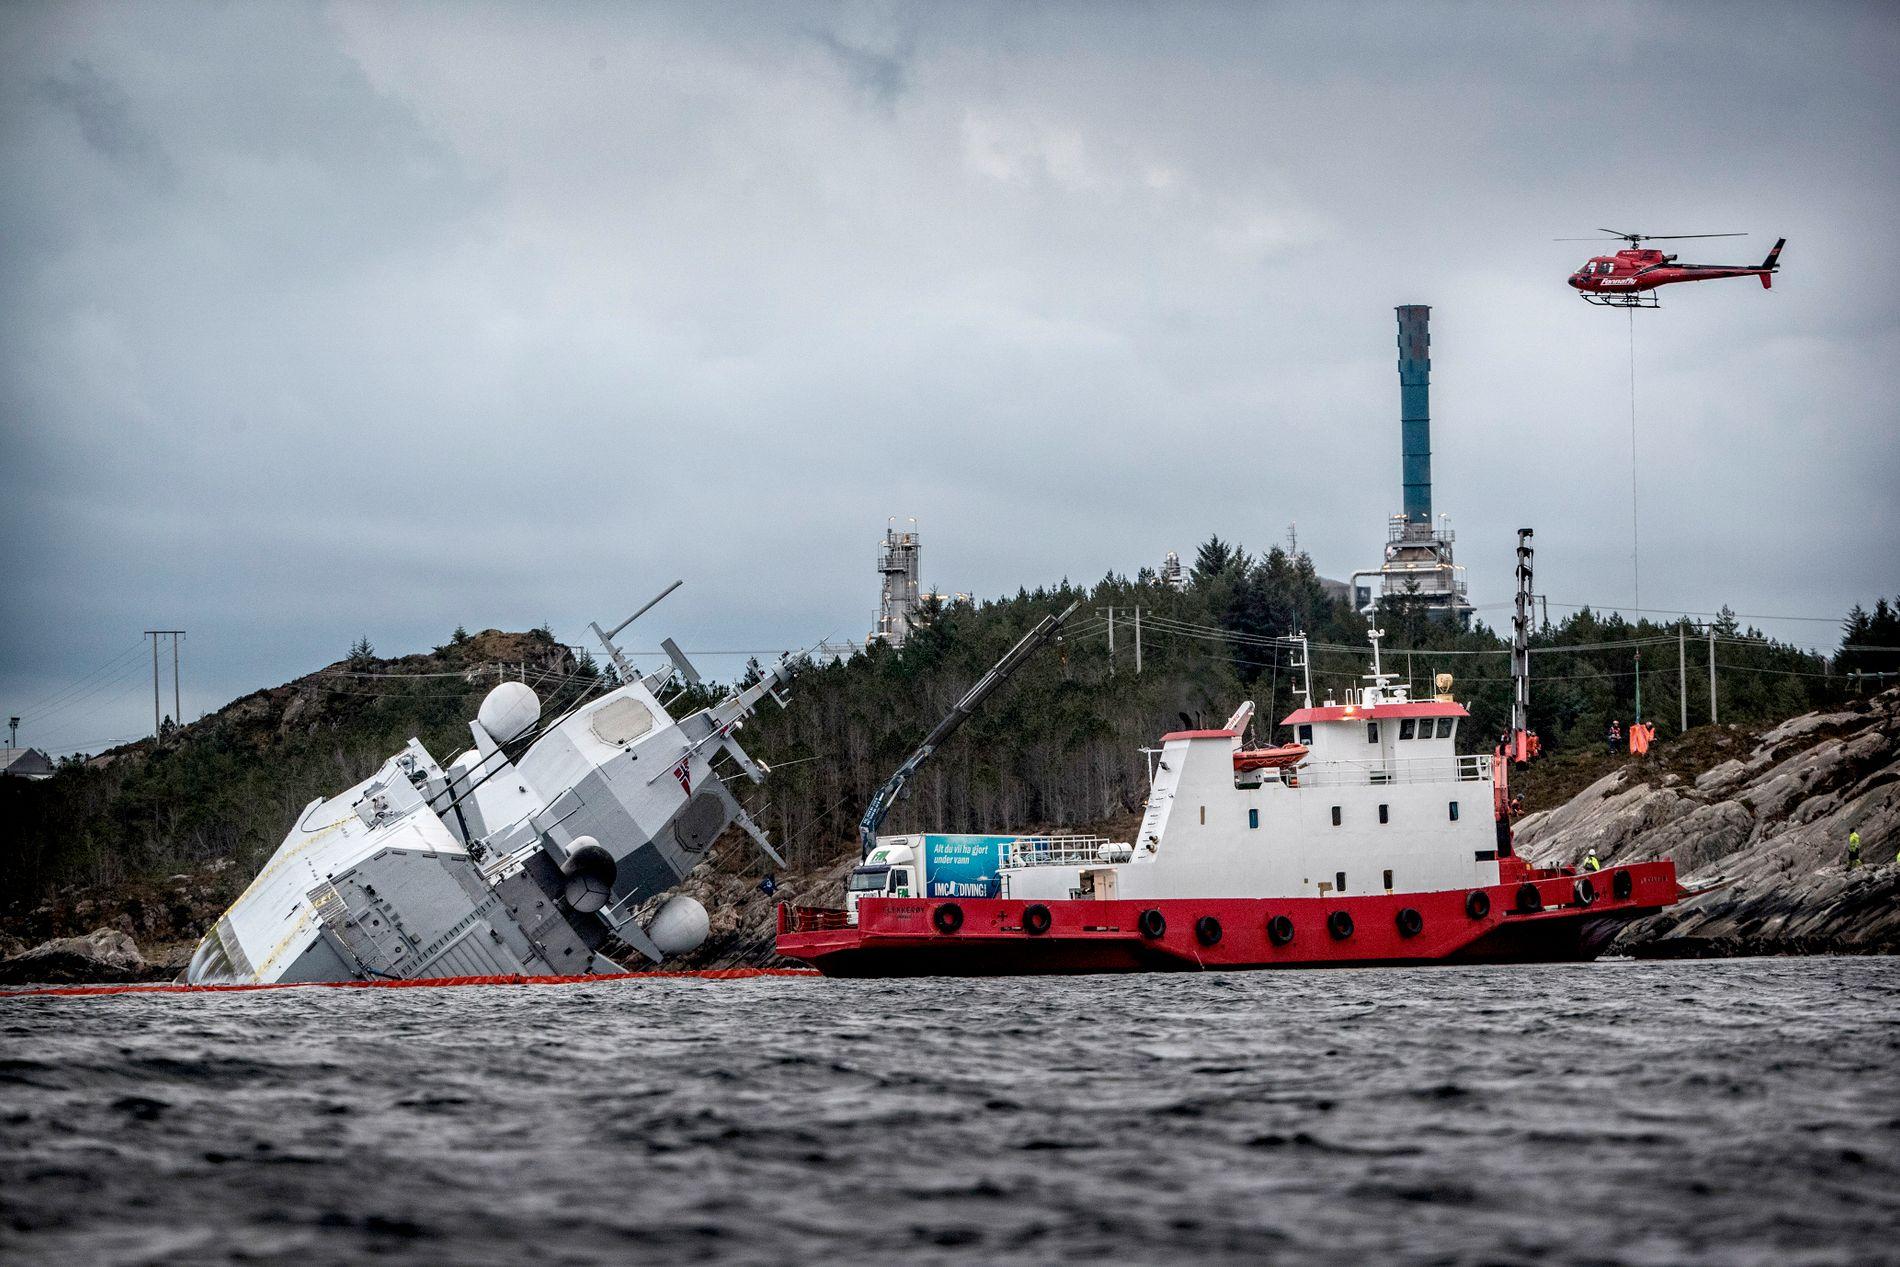 KRENGER KRAFTIG: Etter å ha krenget mer og mer i løpet av morgentimene og formiddagen, så stabiliserte fregatten KNM «Helge Instad» seg i 13-tiden torsdag.